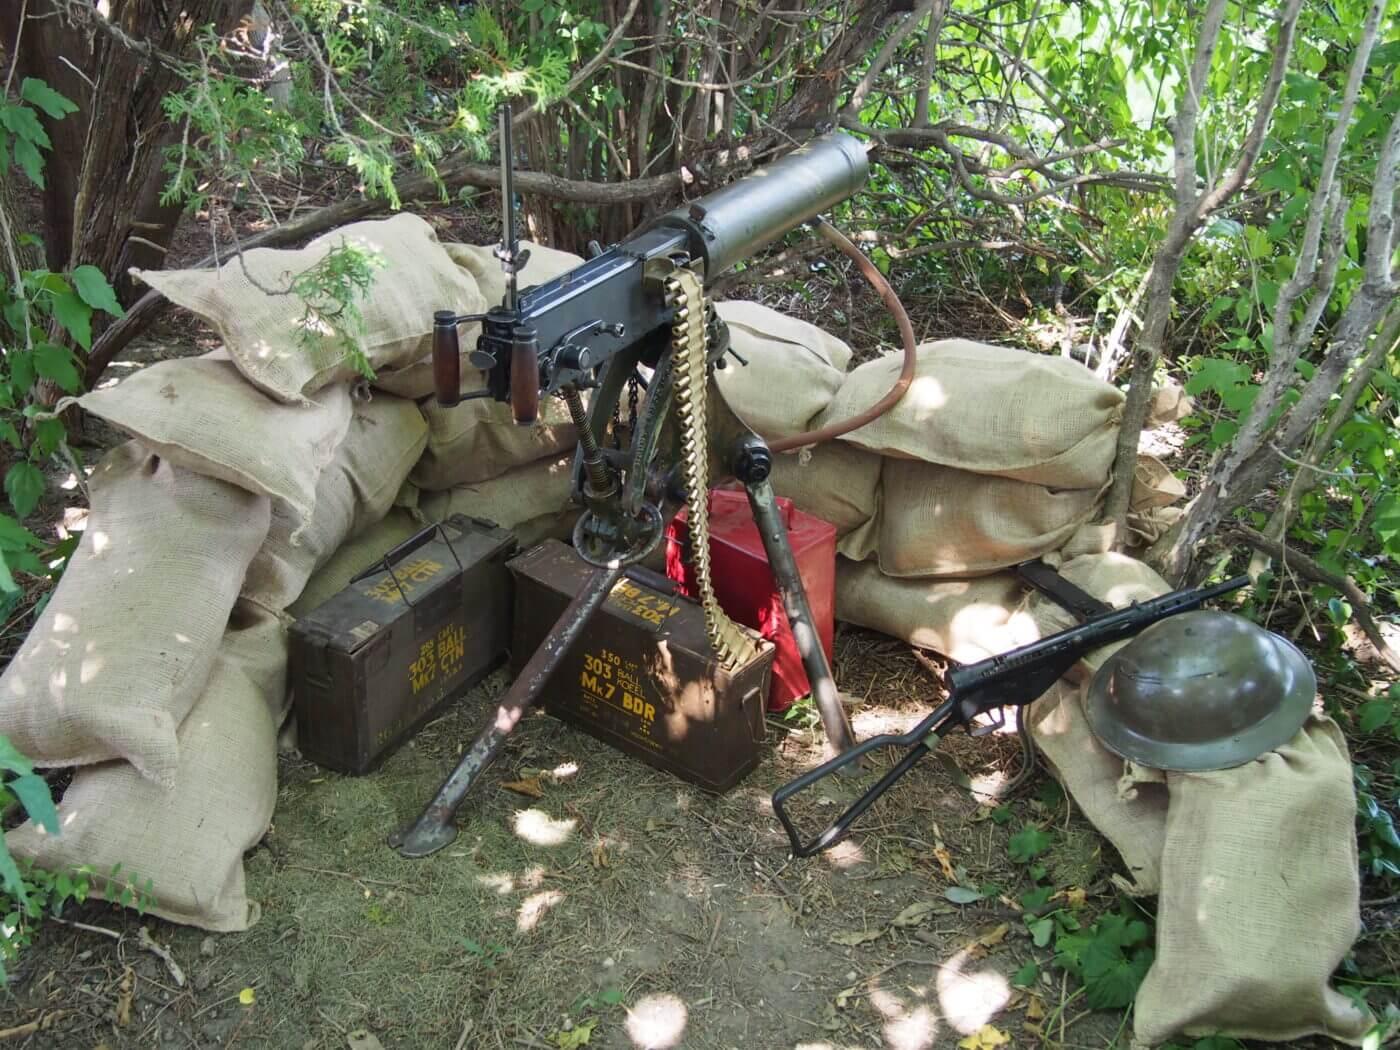 Vickers machine gun setup